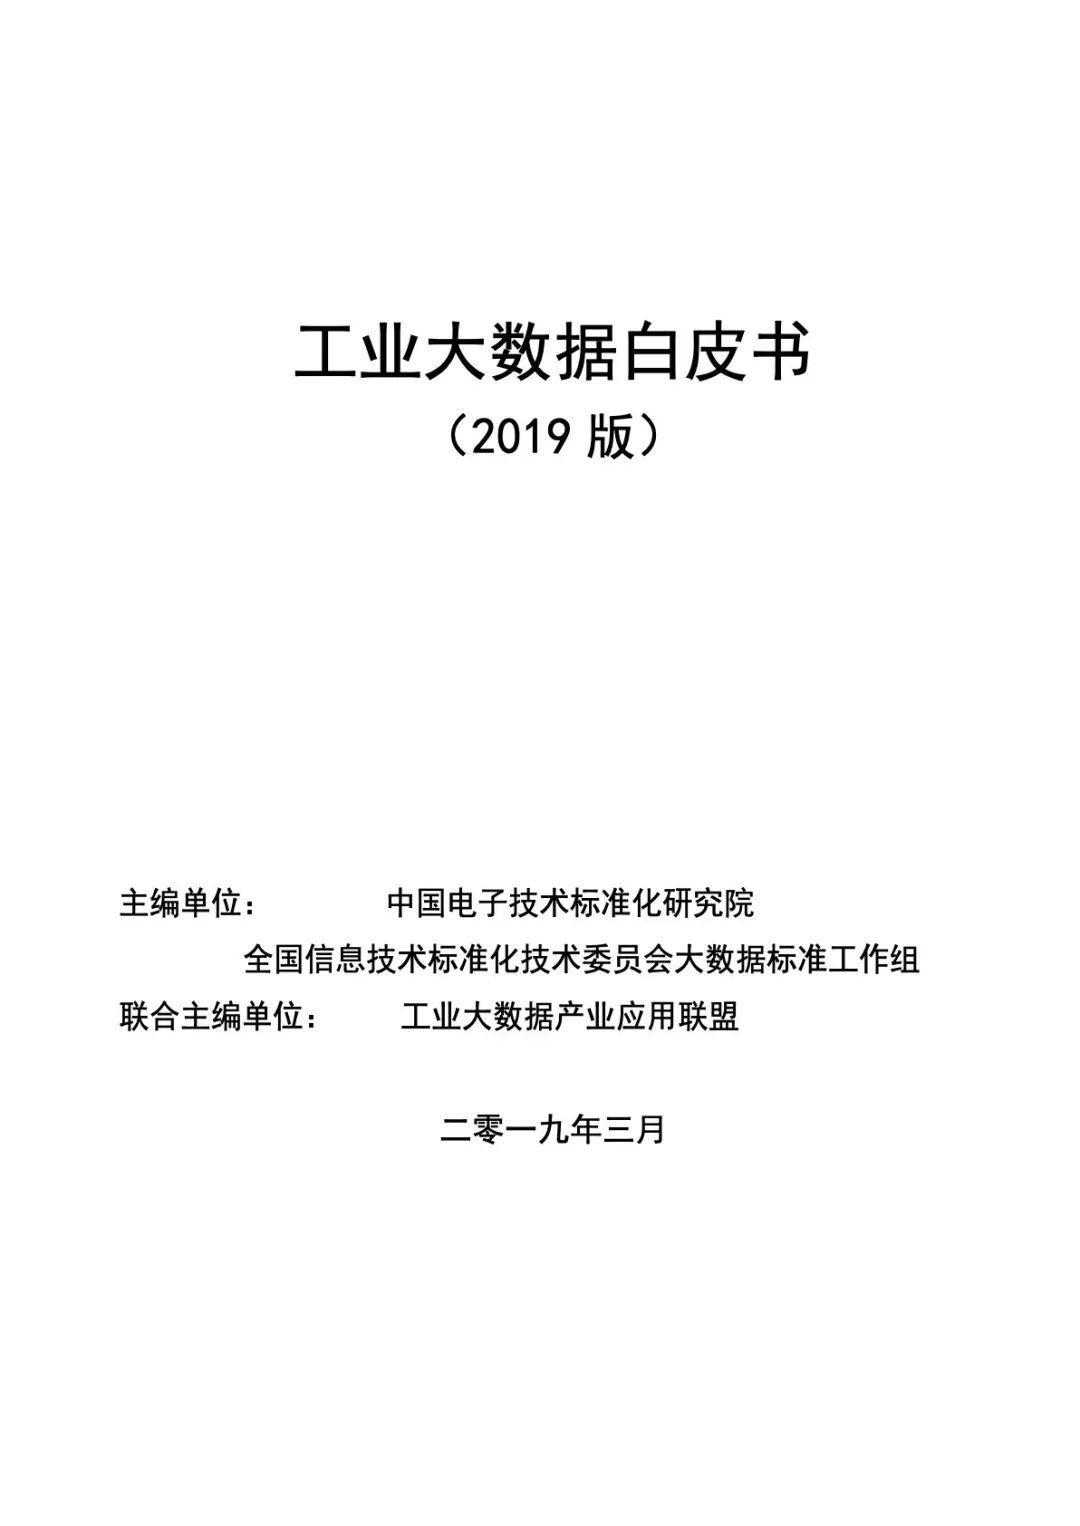 工业大数据白皮书(2019版)